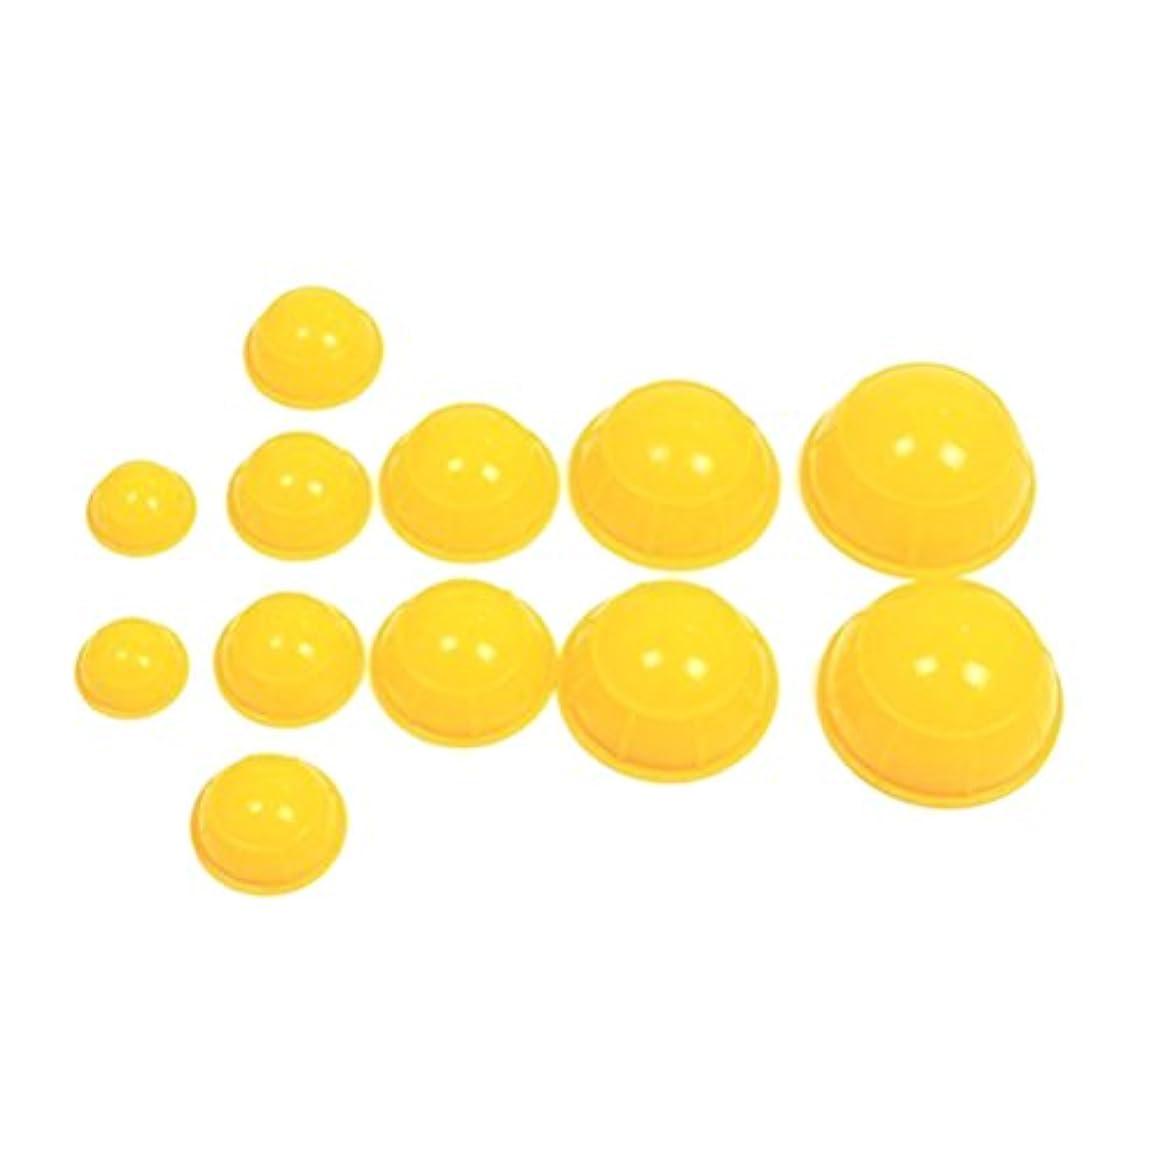 ステレオタイプイースター法廷ROSENICE シリコーンマッサージカッピングカップセットボディフェイシャルセラピーカッピングカップ12個(イエロー)